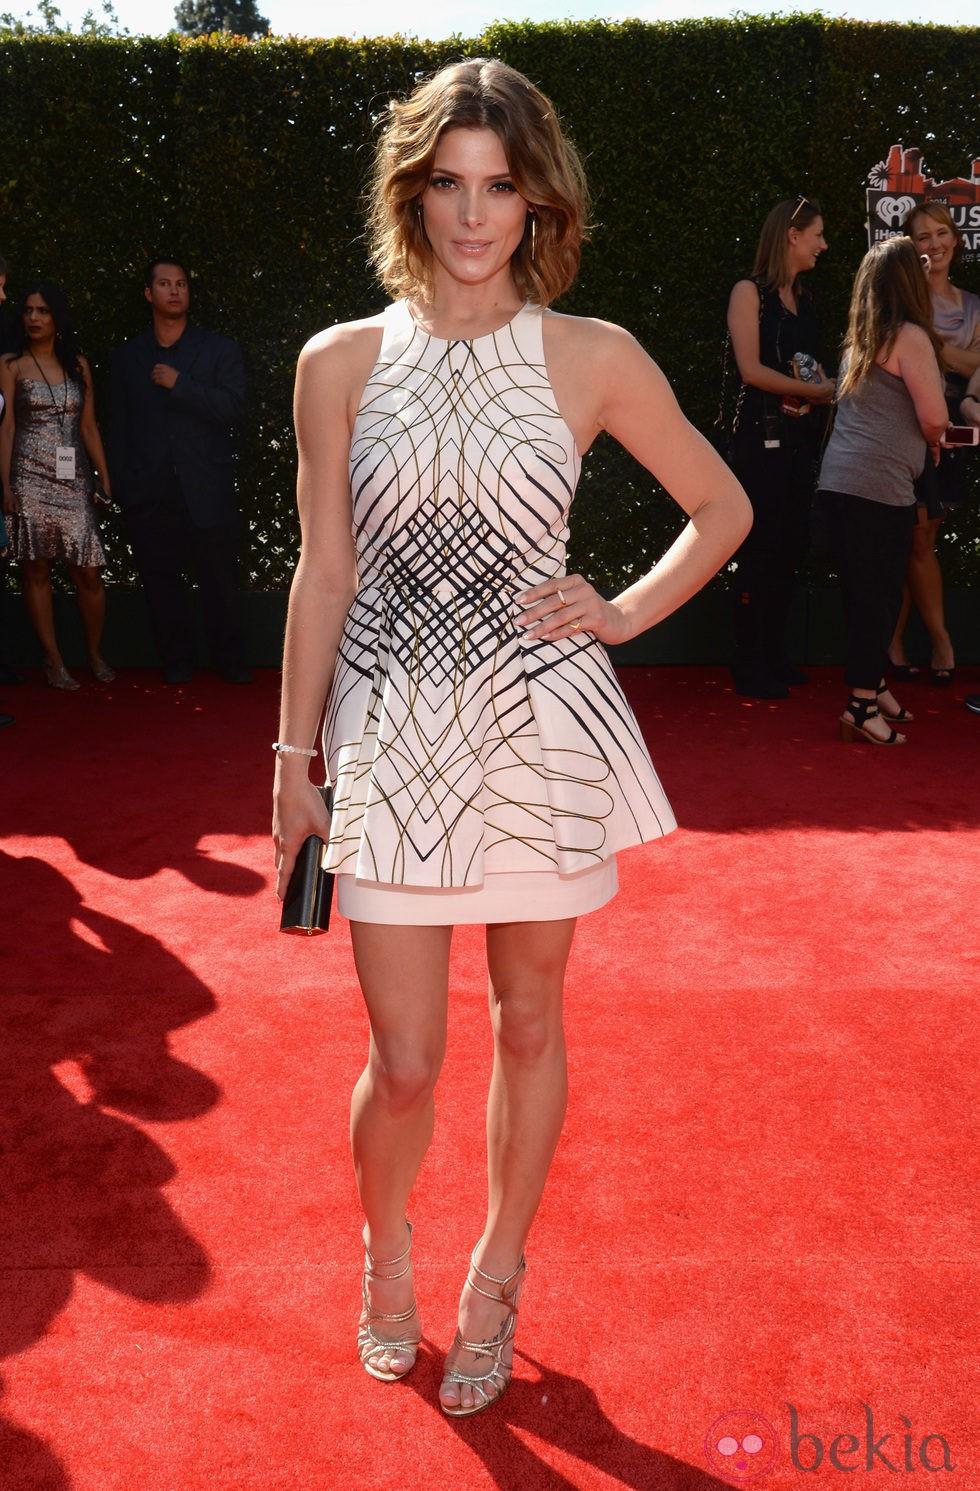 Ashley Greene en la alfombra roja de los iHeartRadio Music Awards 2014